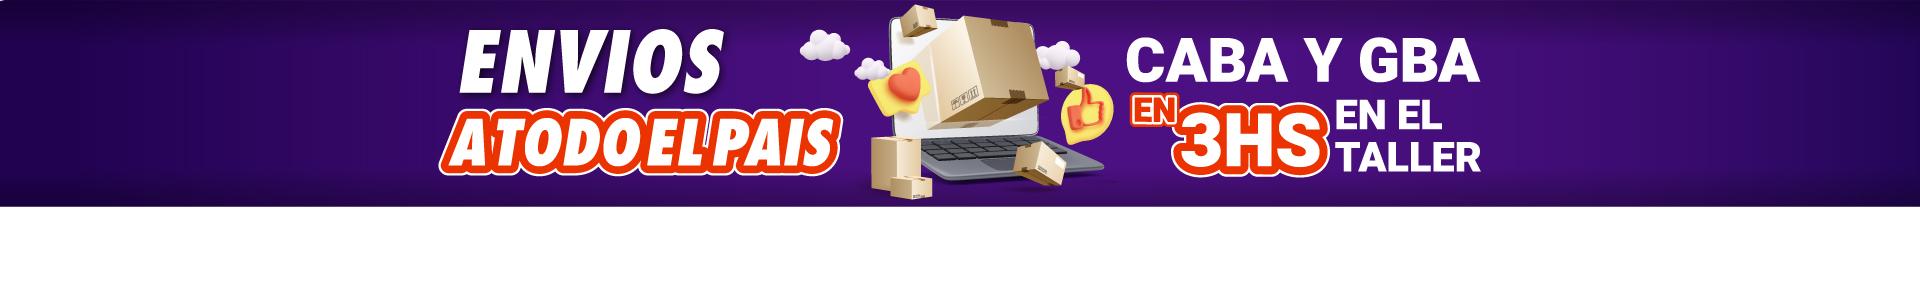 ENVIO GRATIS AMBA Y CABA